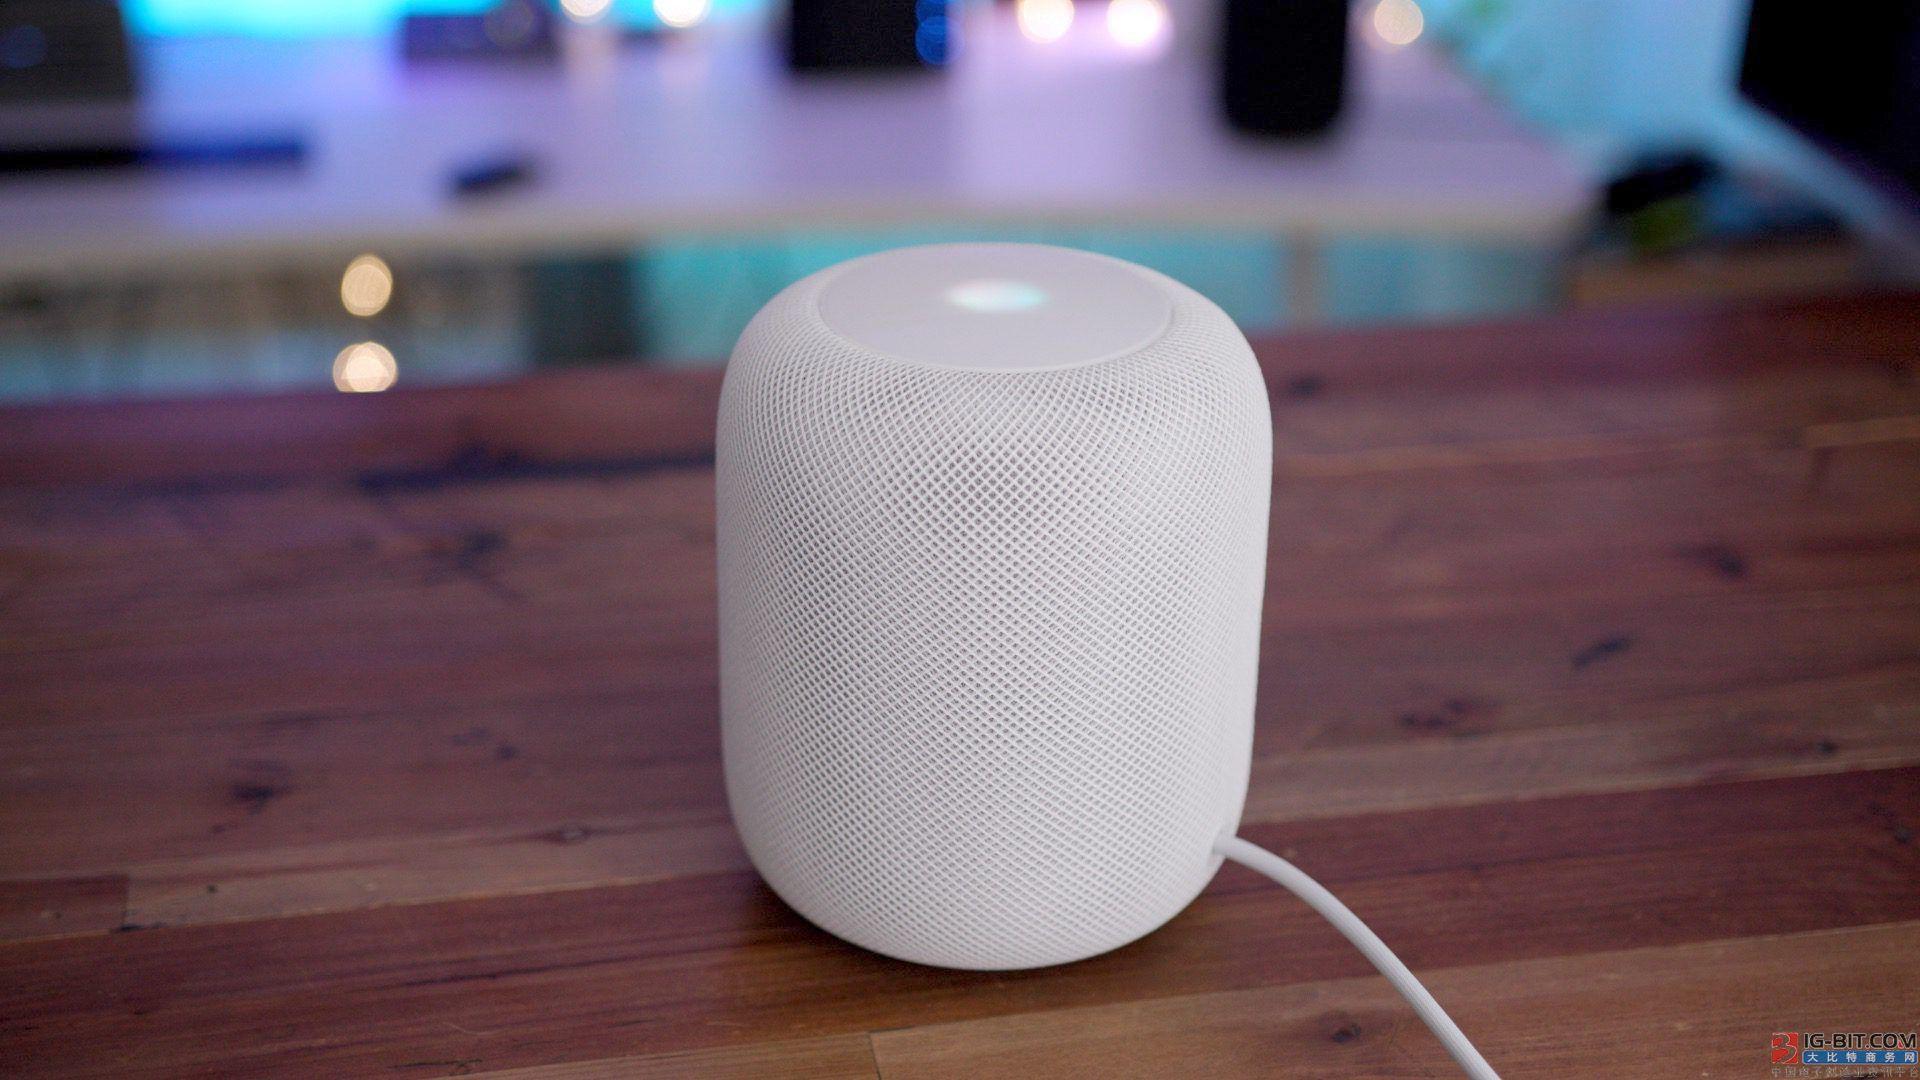 苹果详细介绍 HomePod 如何使用机器学习忽略环境噪音